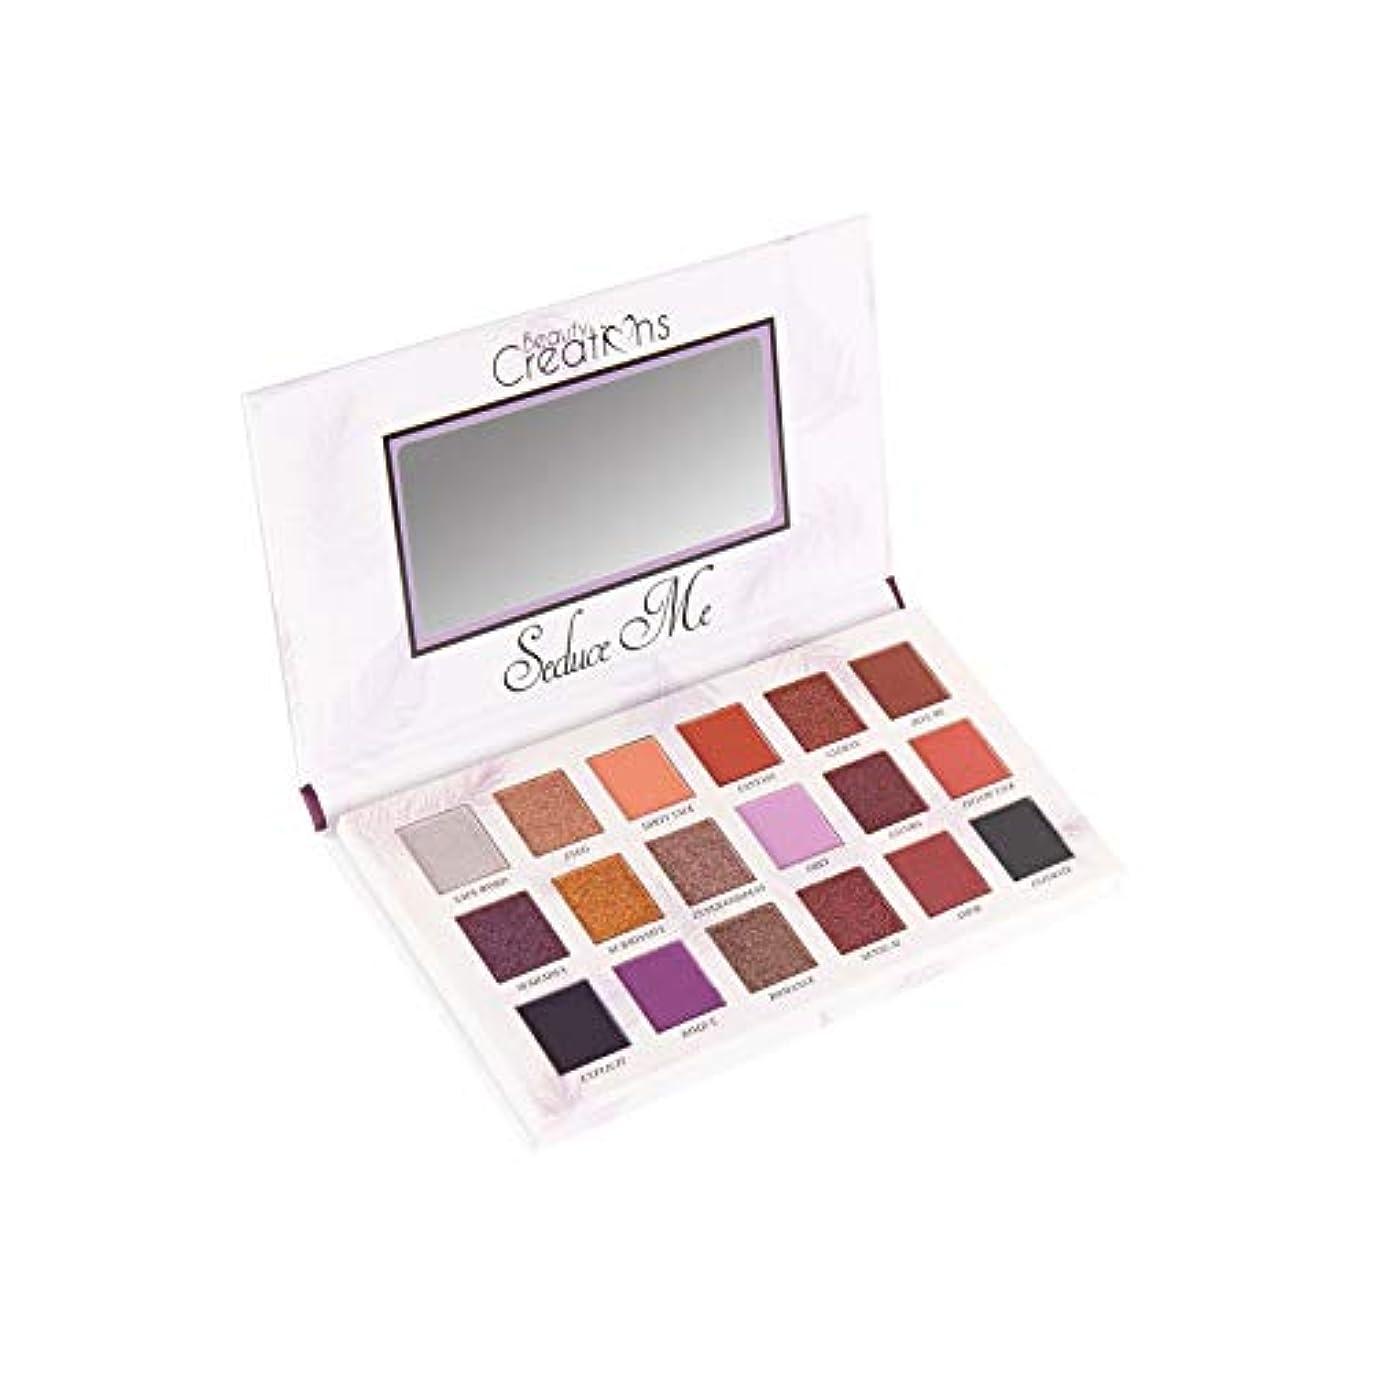 削除する虚弱ヒロイン(6 Pack) BEAUTY CREATIONS Seduce Me Eyeshadow Palette (並行輸入品)